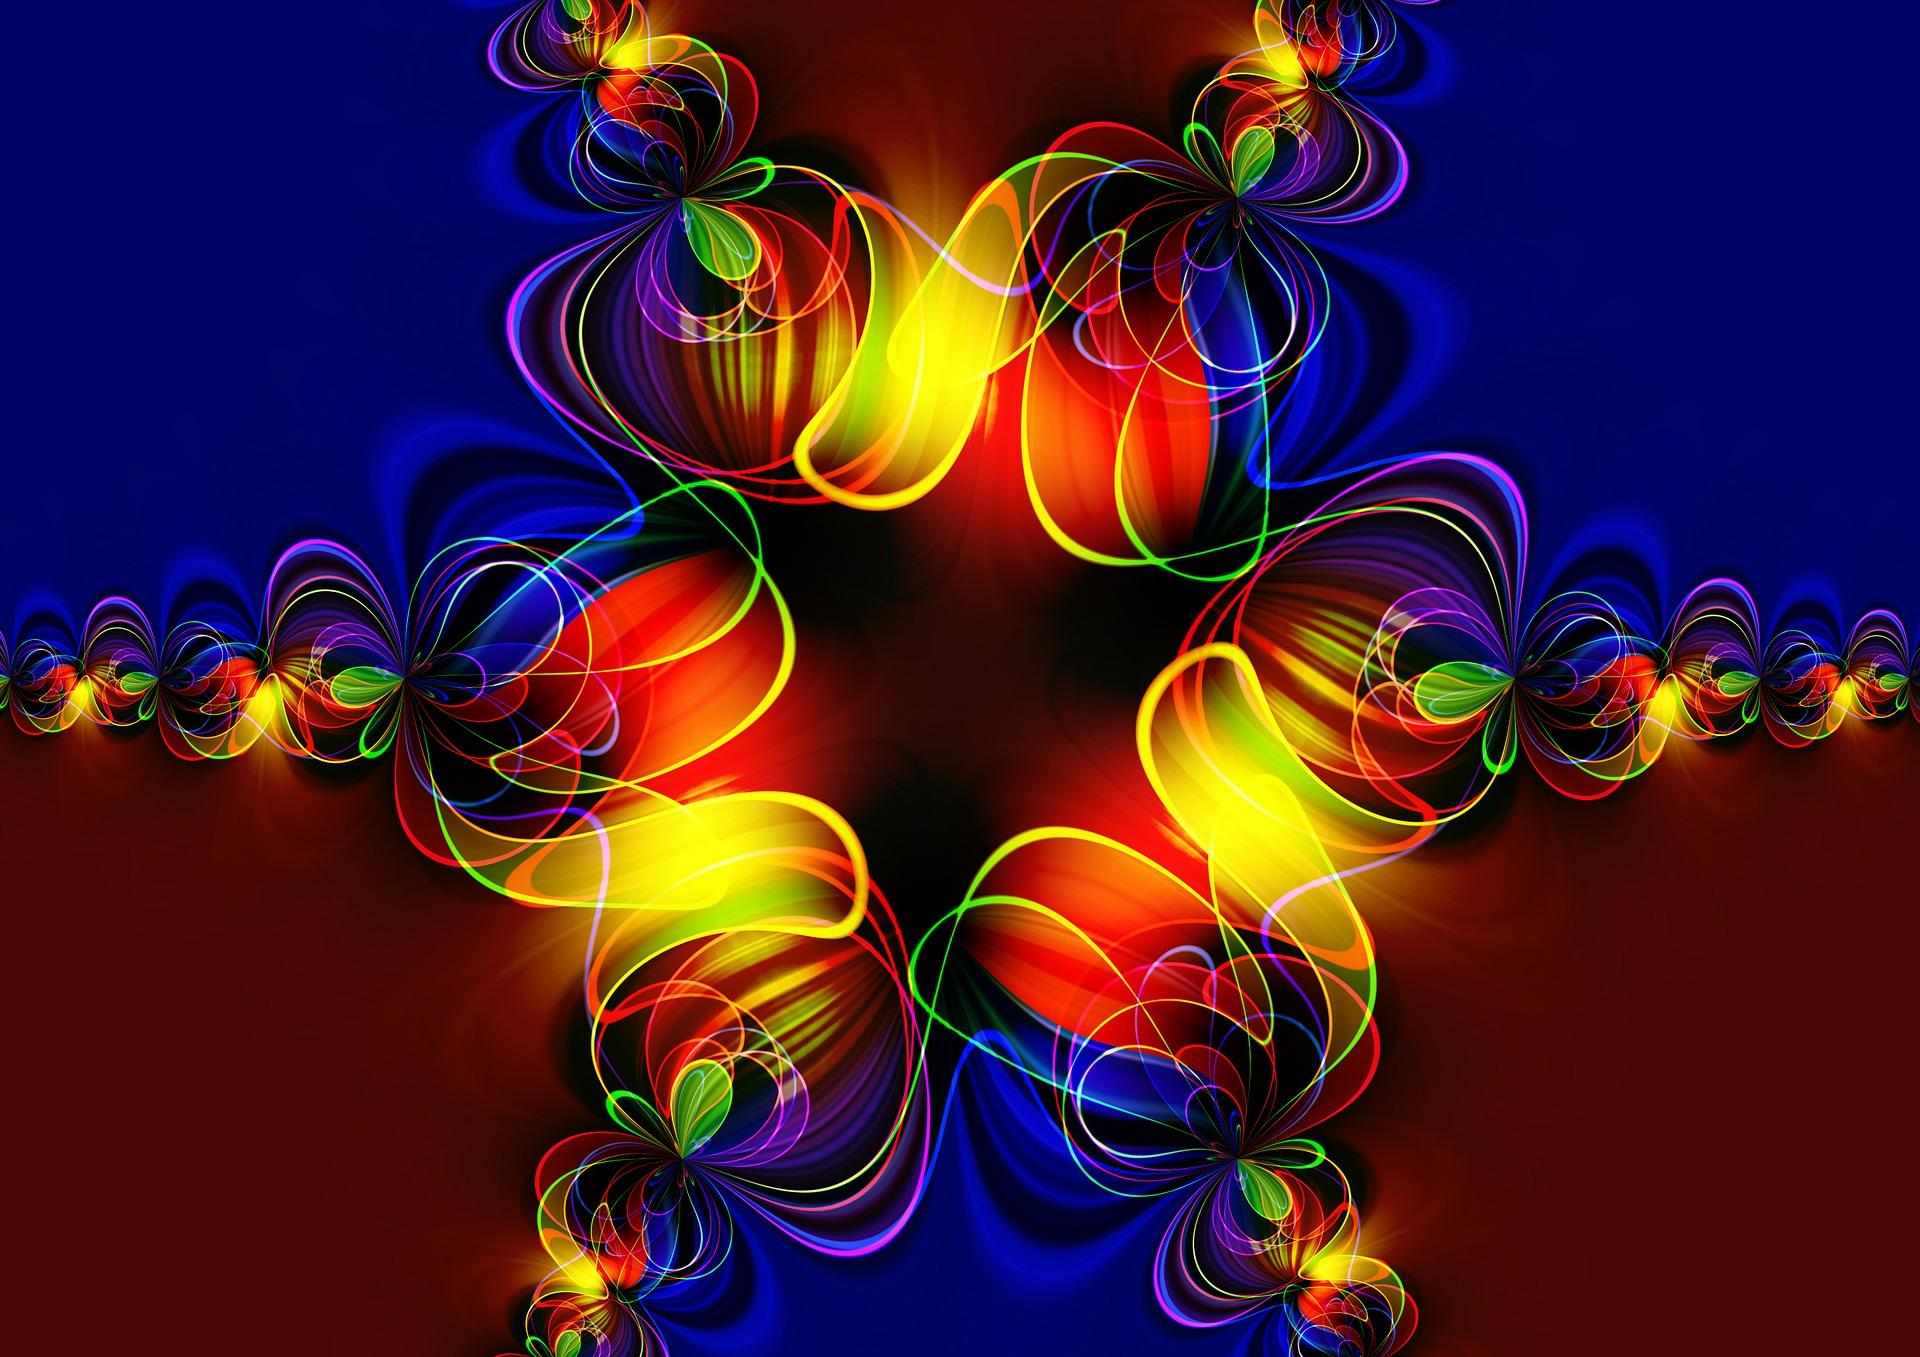 fractal-520451_1920.jpg